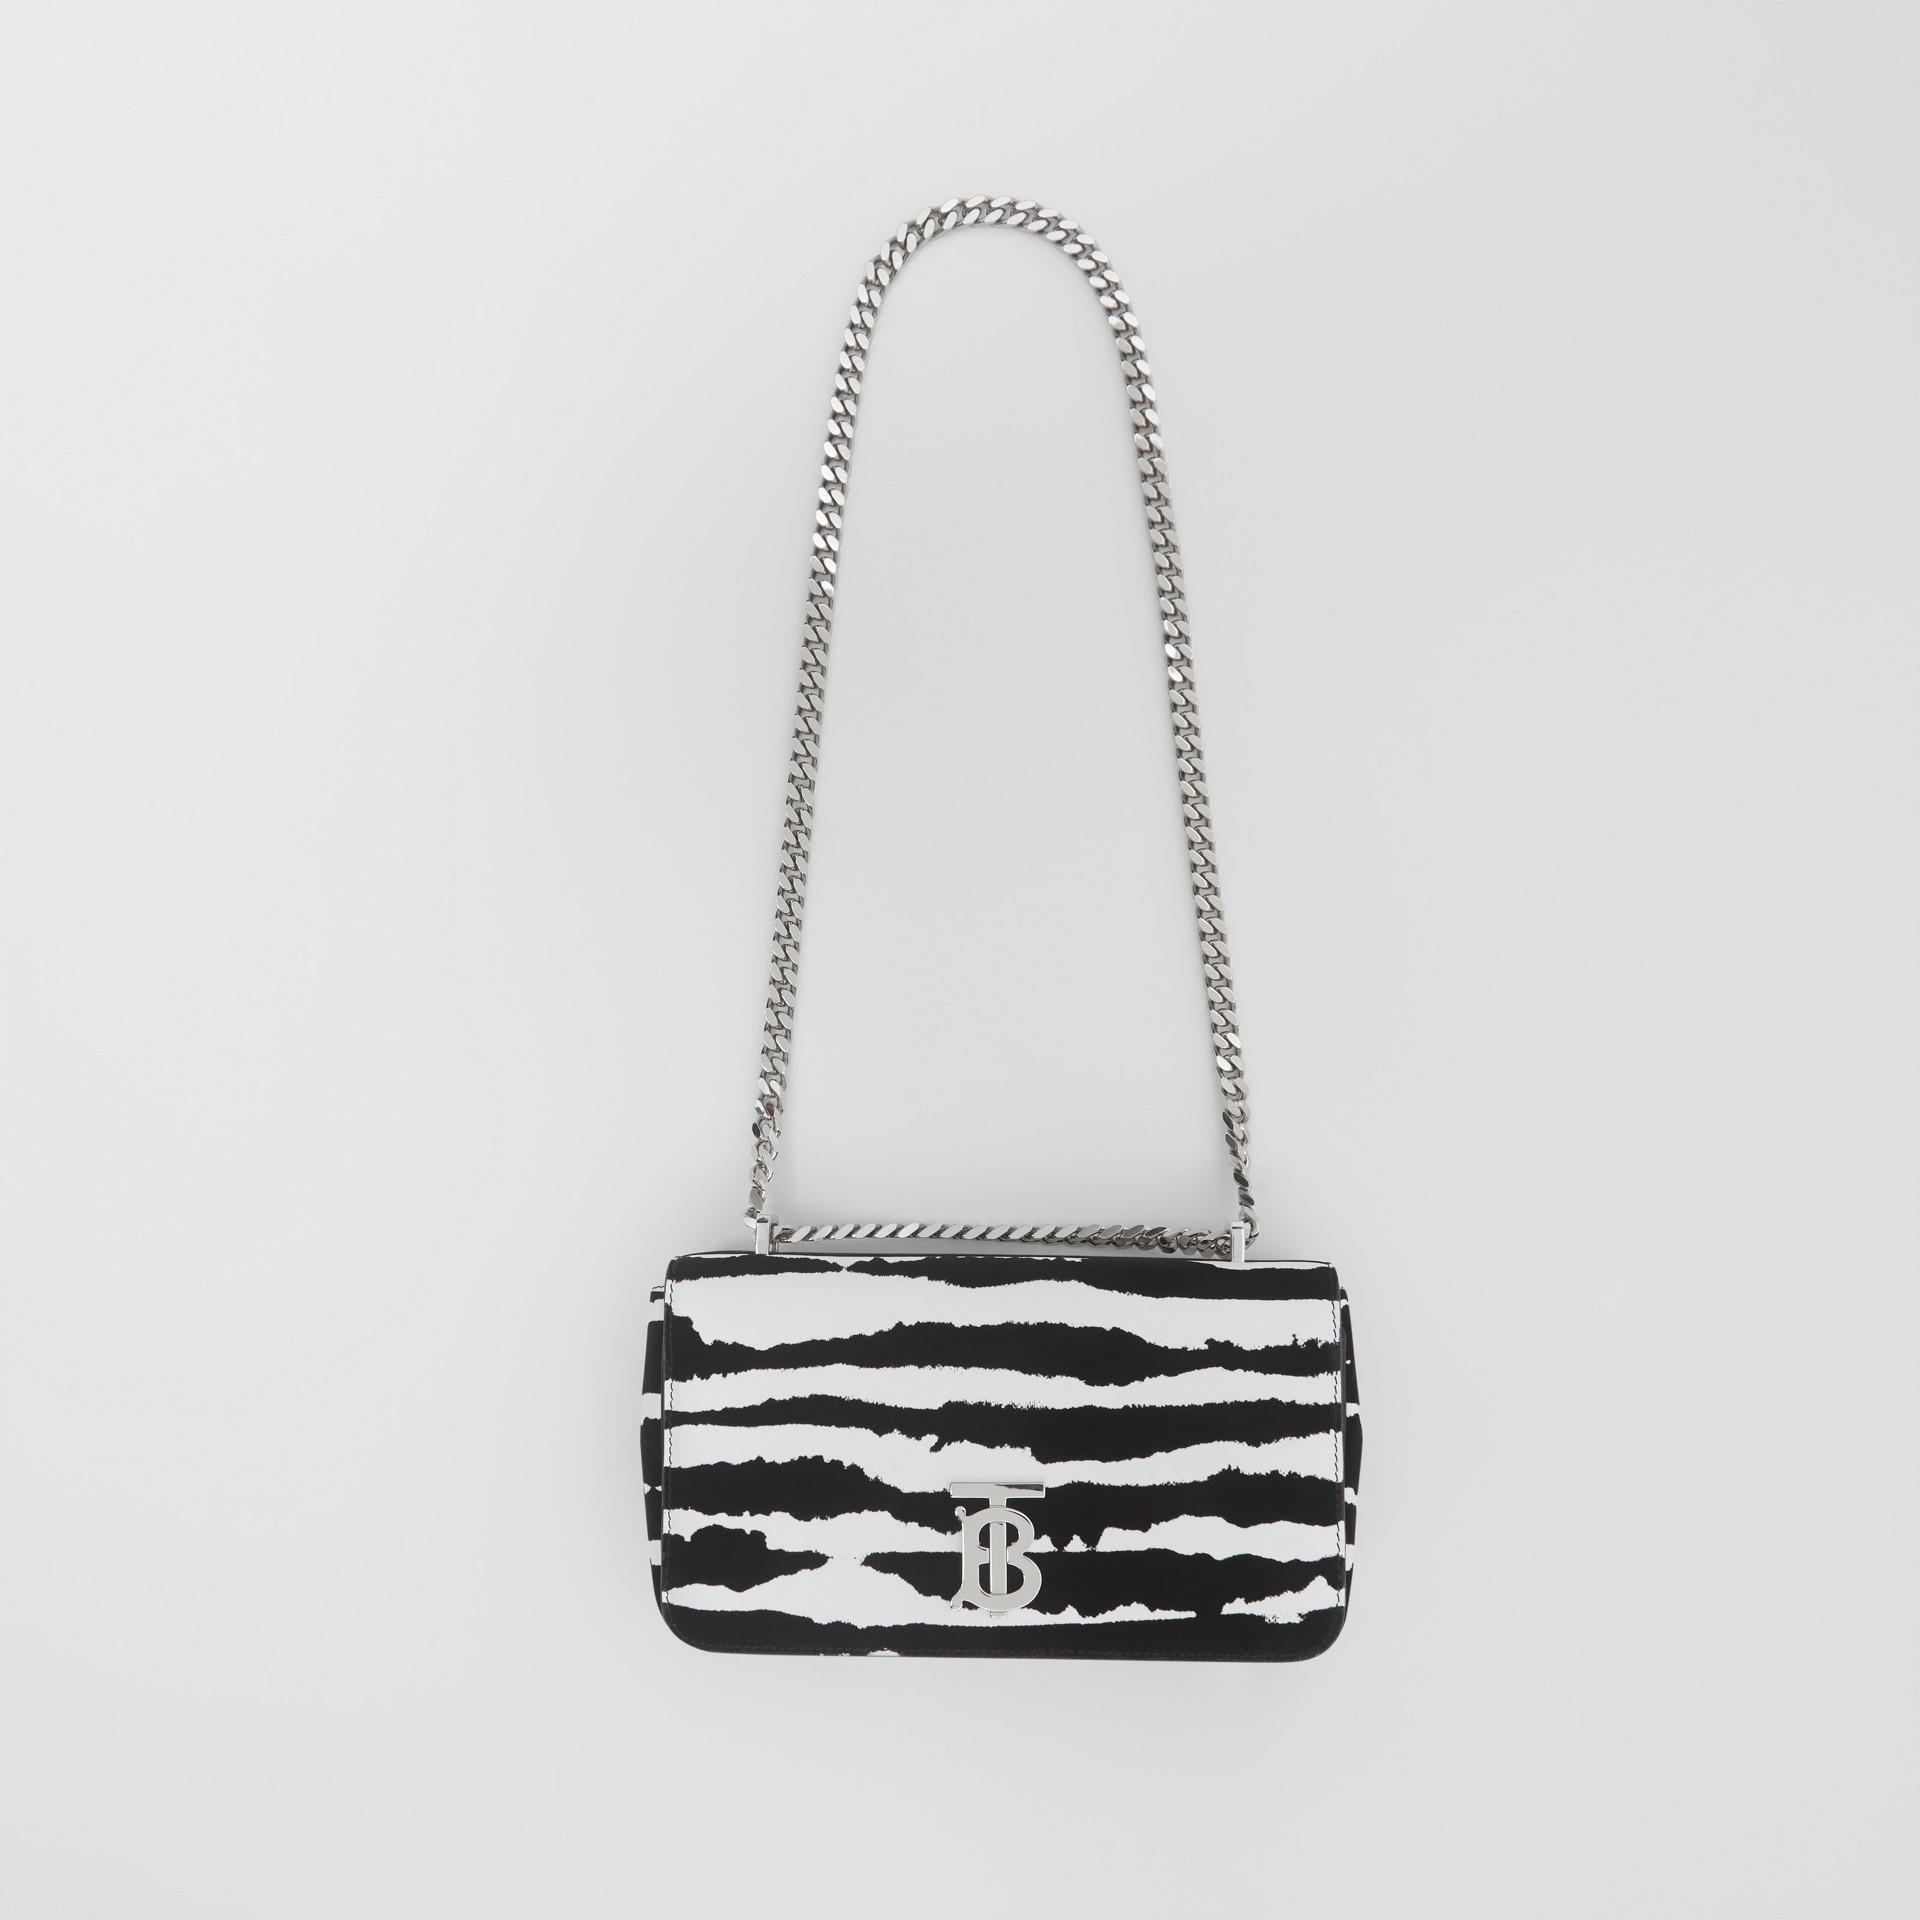 Bolsa Lola de couro flocado com aquarela - Pequena (Branco/preto) - Mulheres | Burberry - galeria de imagens 3